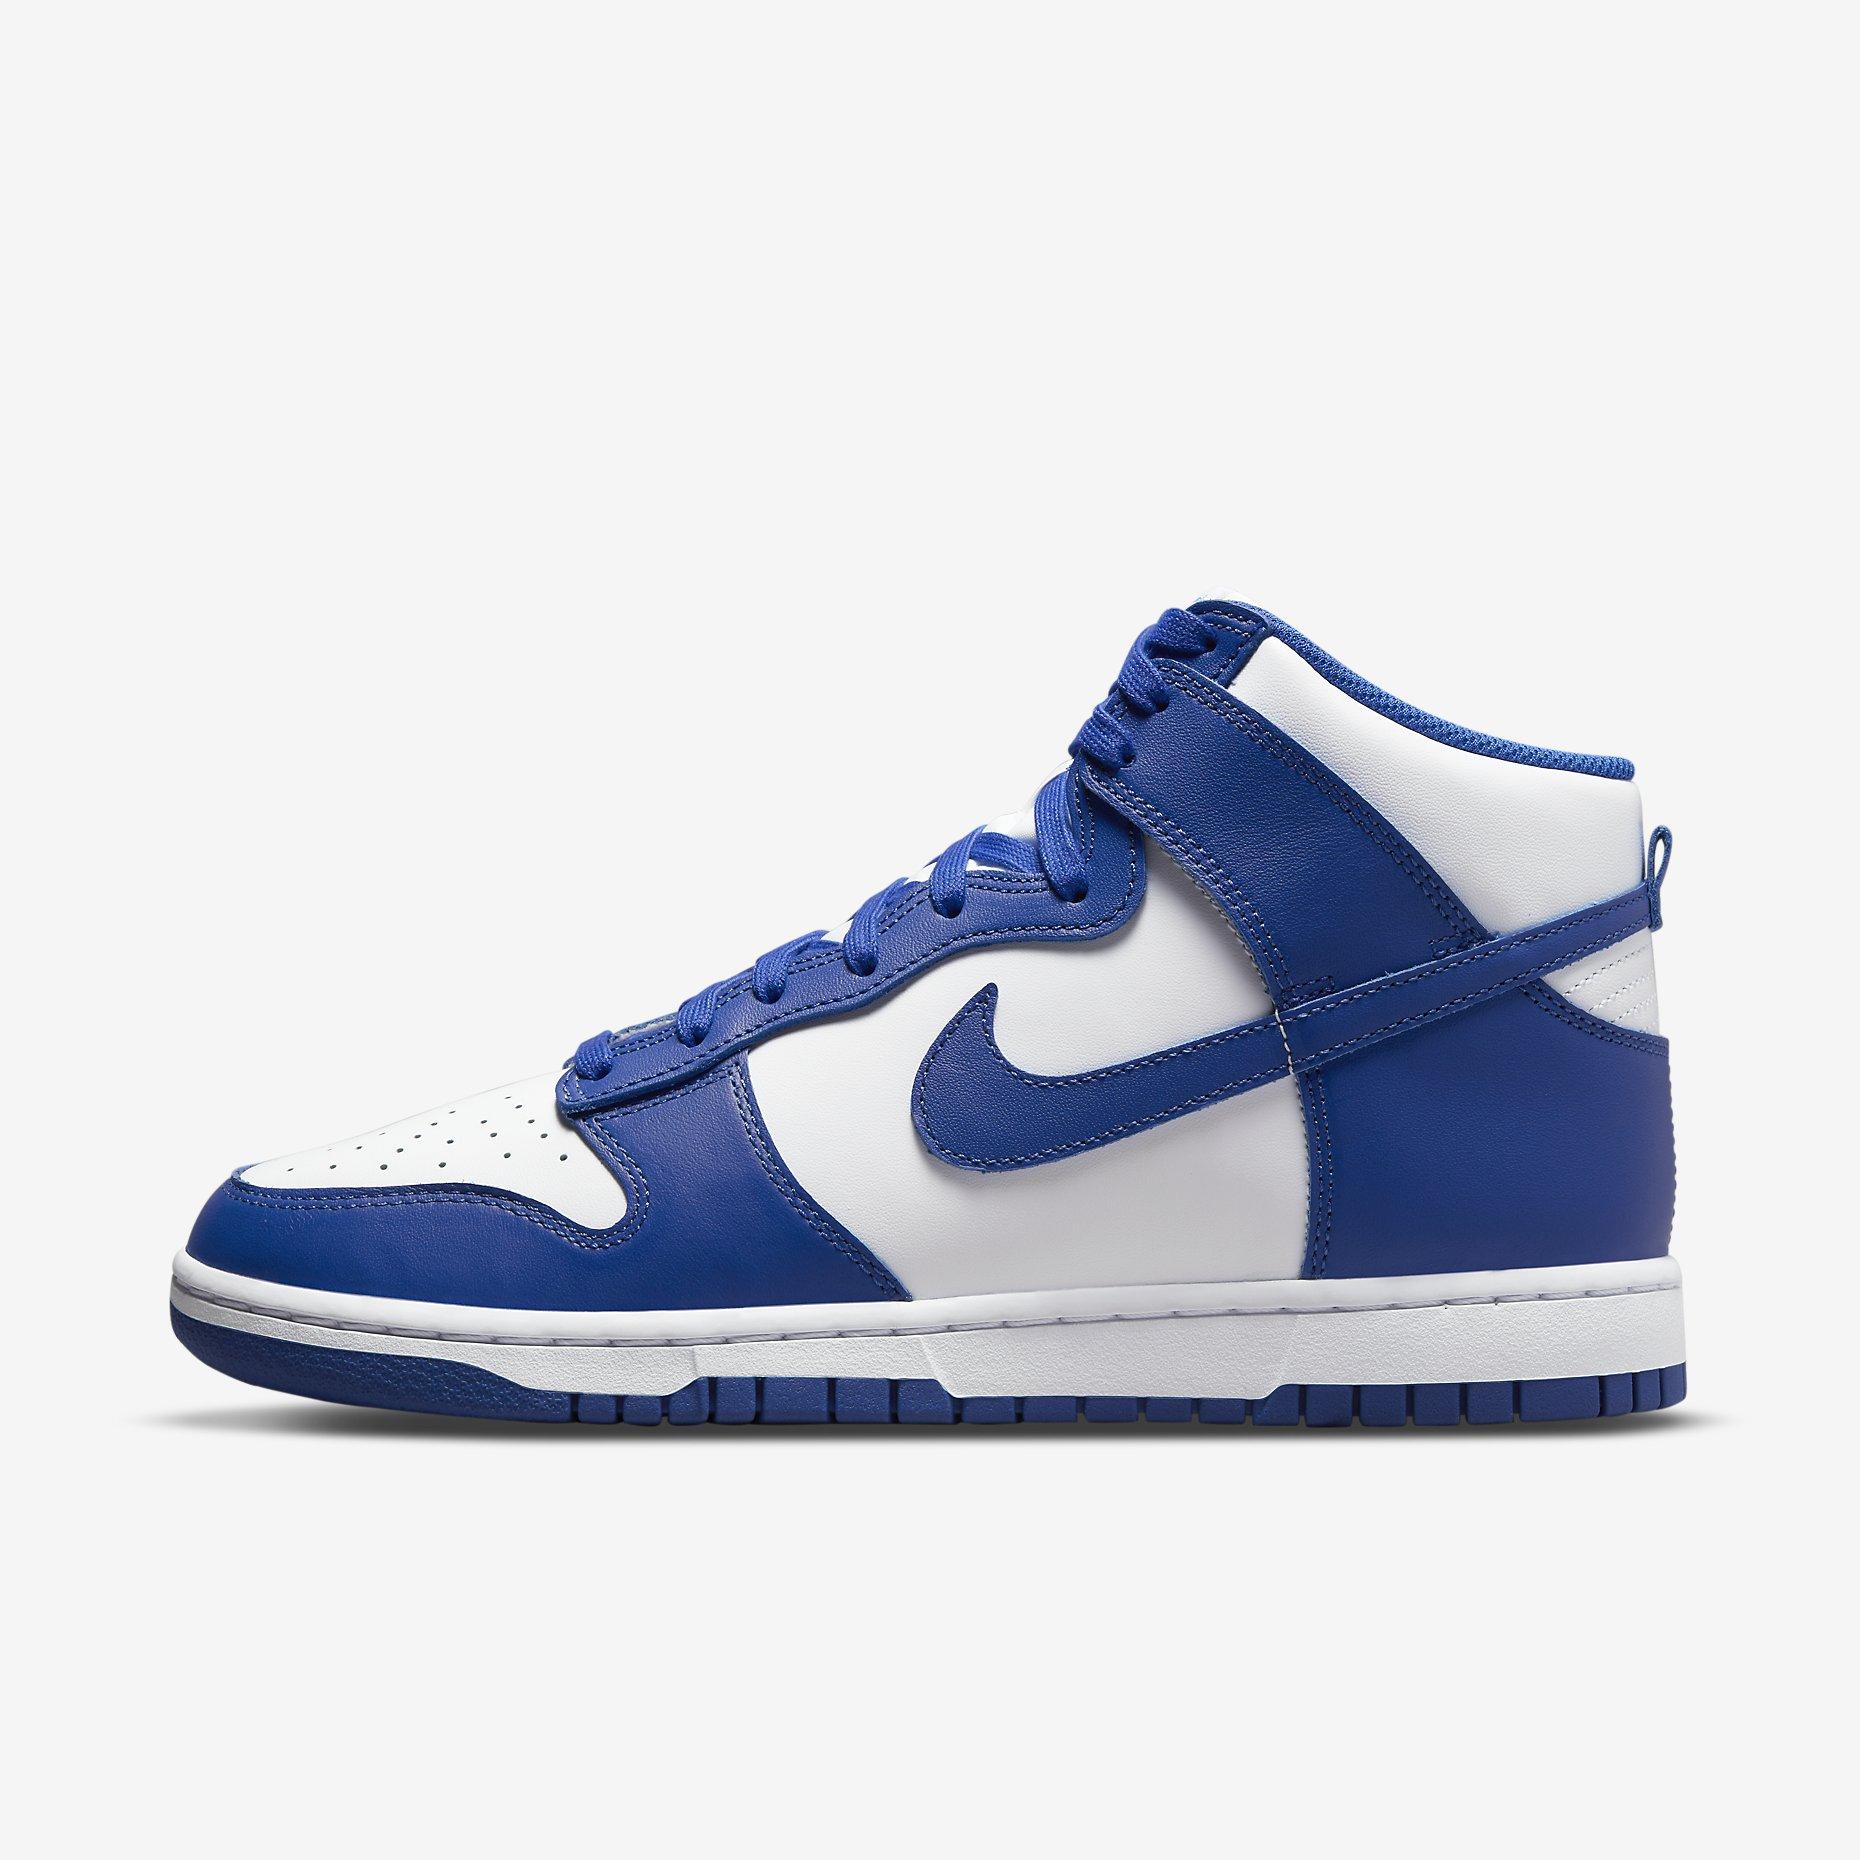 Nike Dunk High 'Game Royal'}